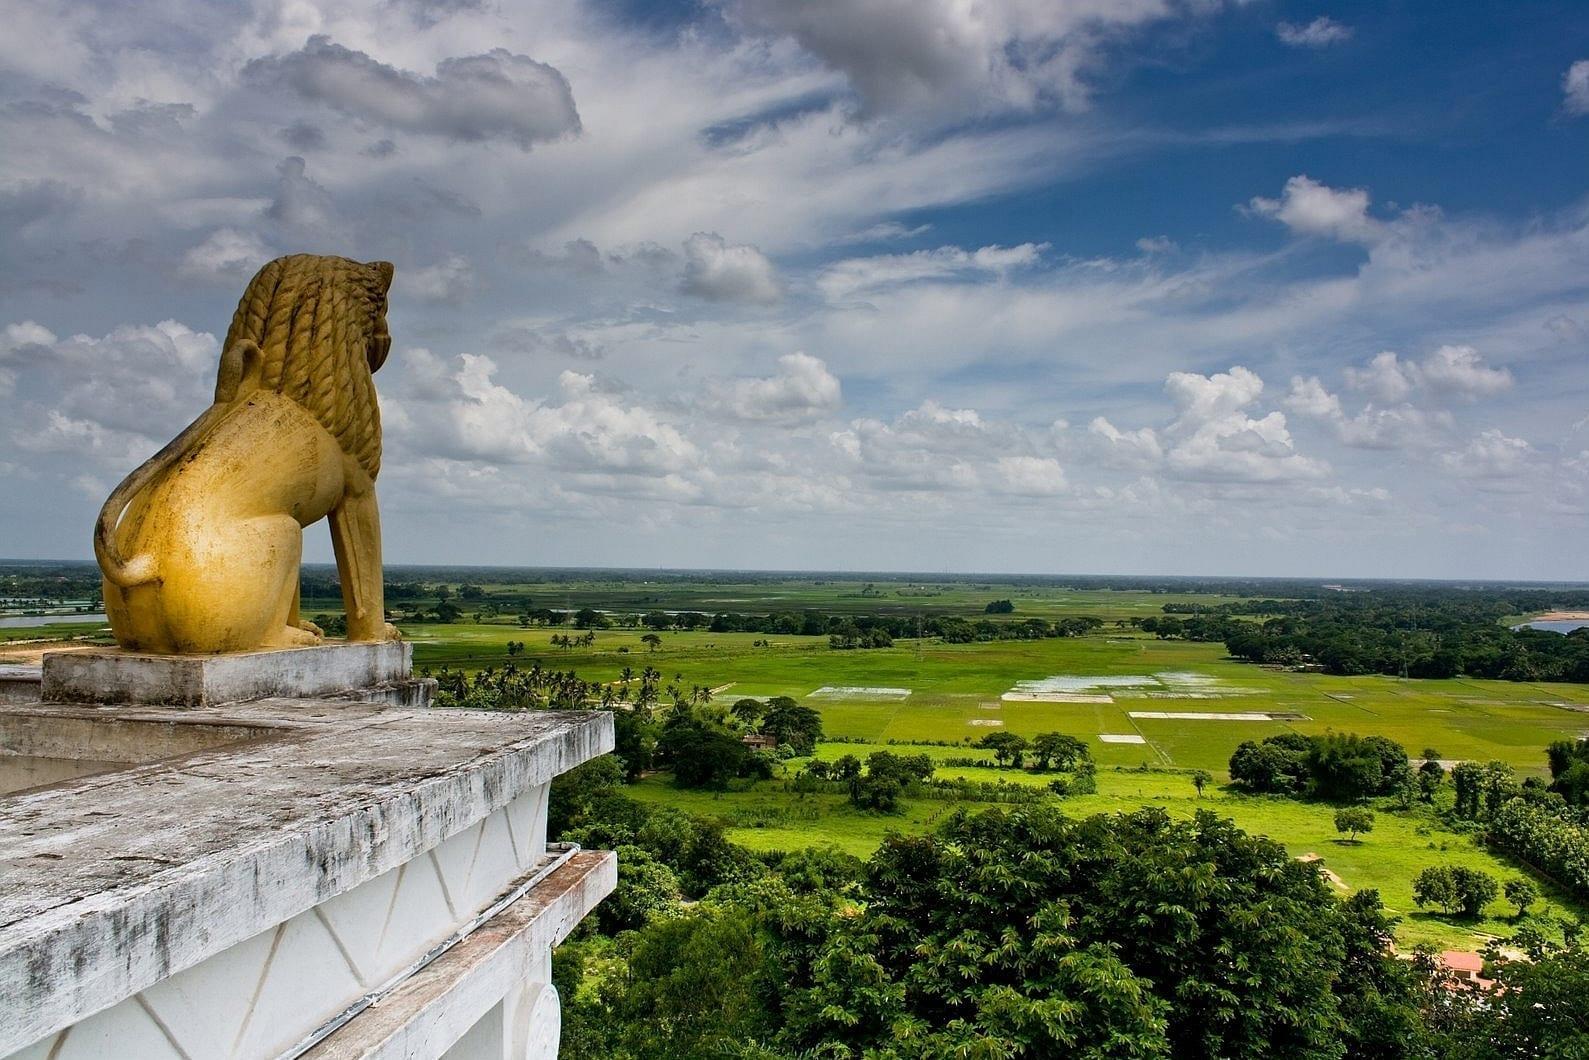 La estatua del león en Dhauligiri y el paisaje desde la cima de Dhauligiri Bhubaneswar India